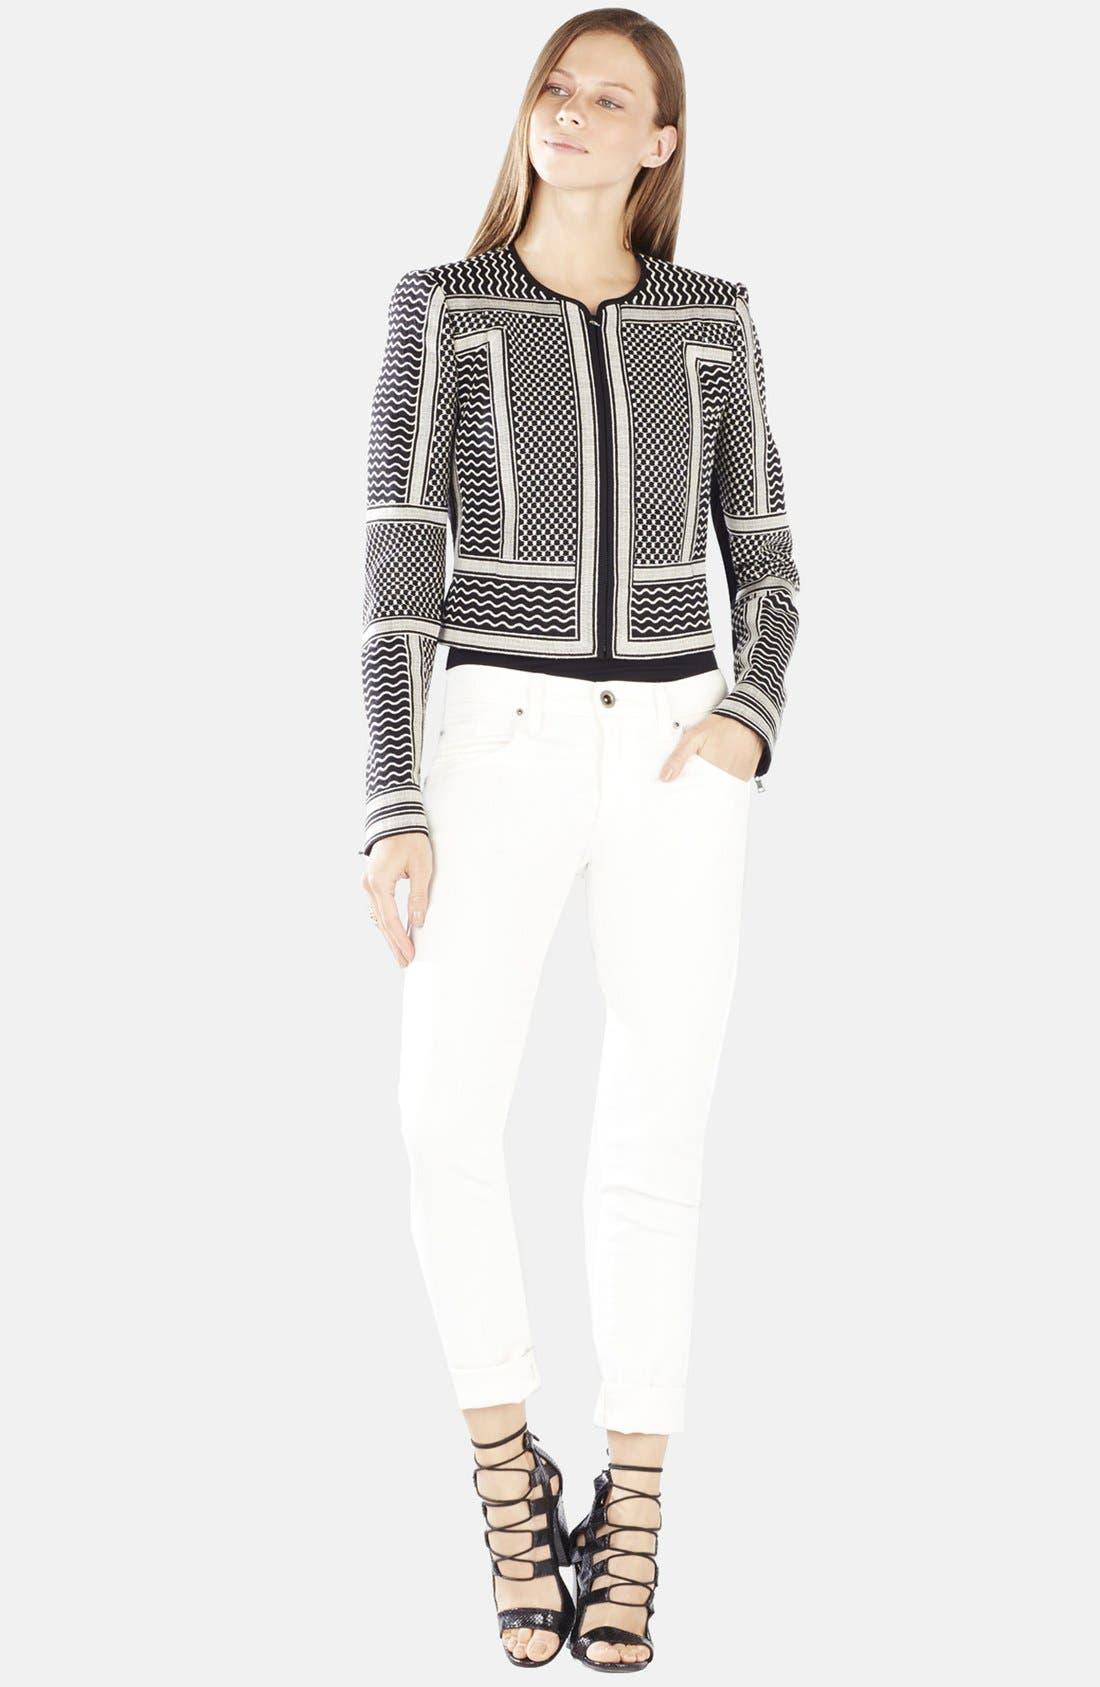 Main Image - BCBGMAXAZRIA 'Duke' Embroidered Jacquard Jacket